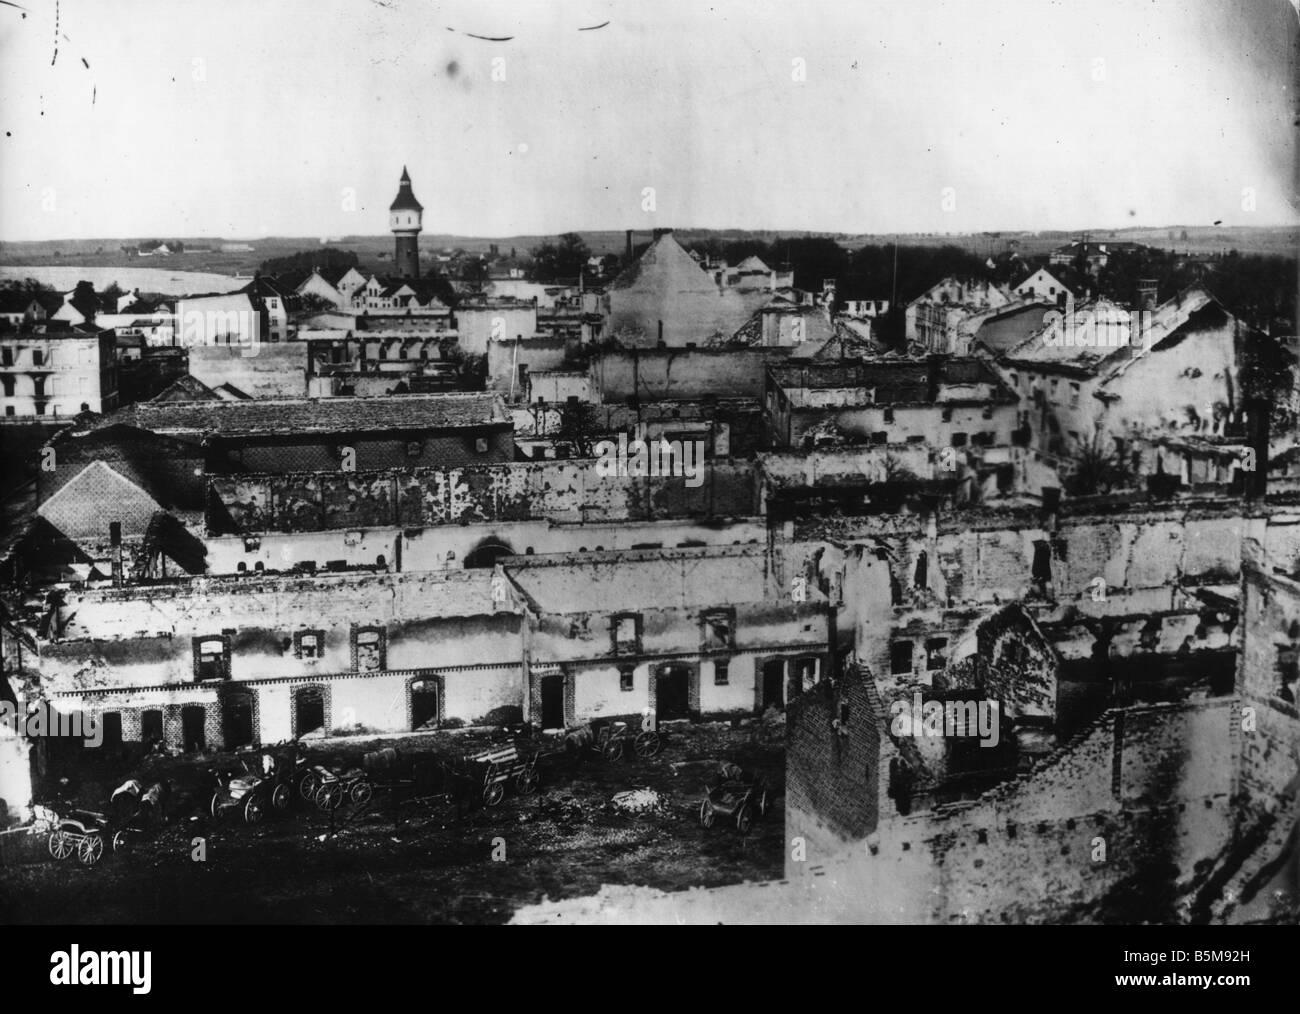 2 G55 O1 1914 15 WWI destrucción en Ortelsburg foto historia WWI Frente Oriental Vista de Ortelsburg Prusia Imagen De Stock